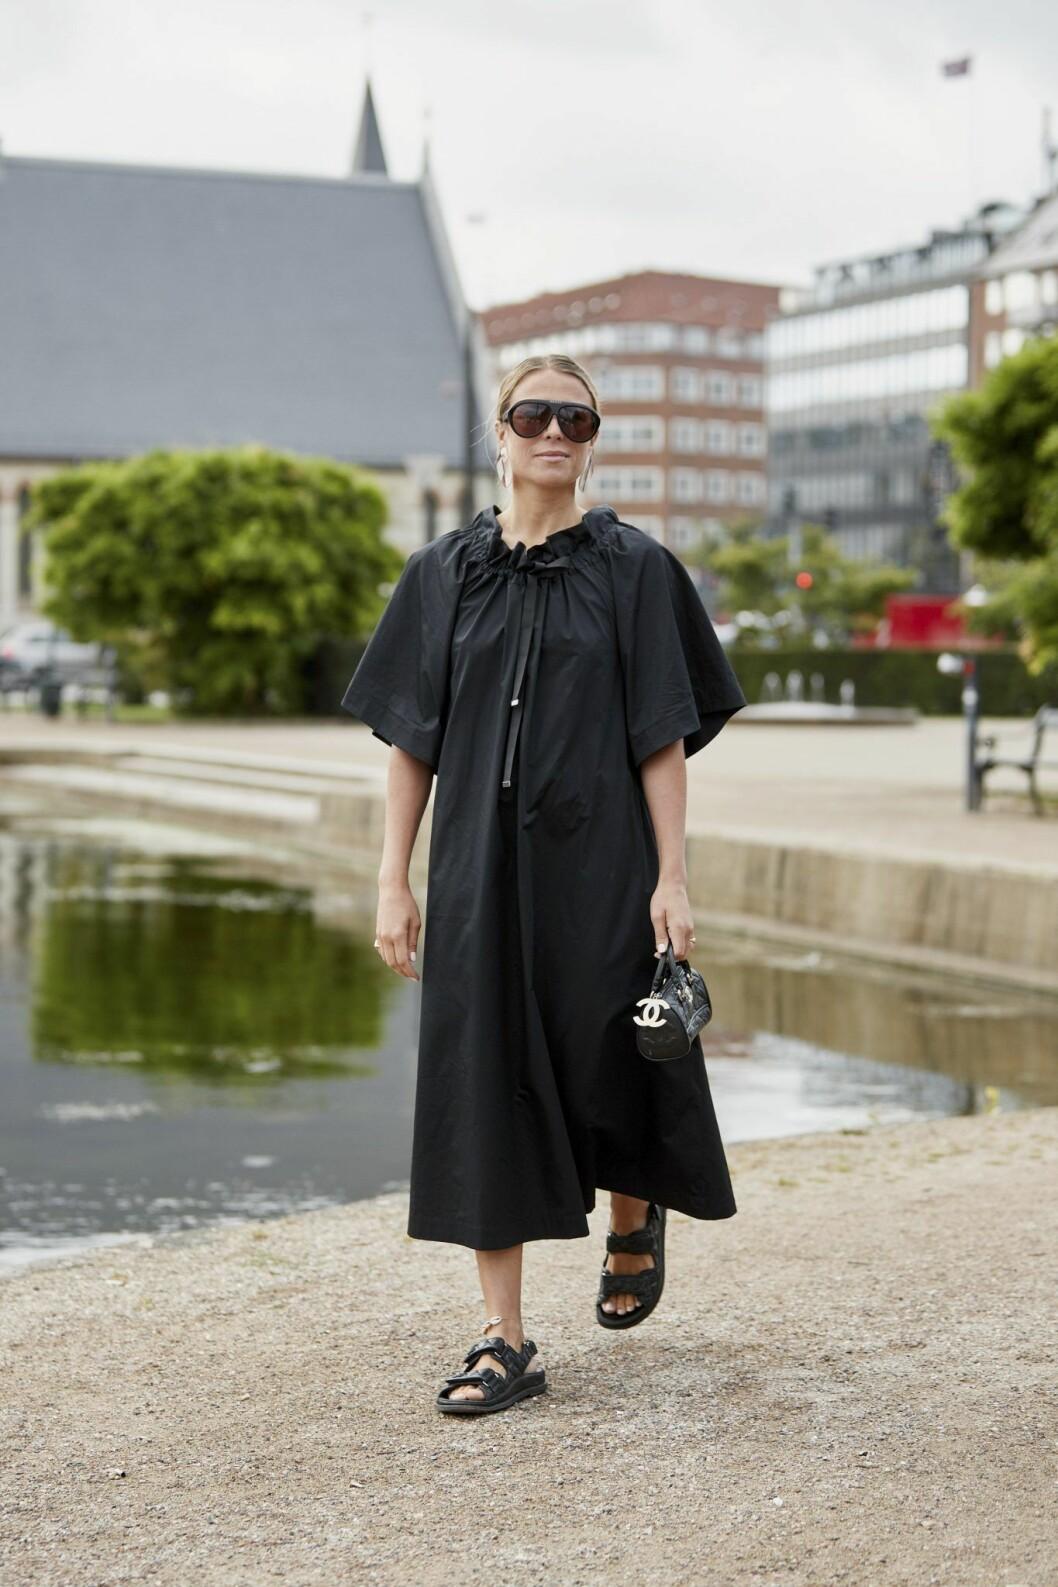 Streetstyleinspiration från modeveckan i Köpenhamn.